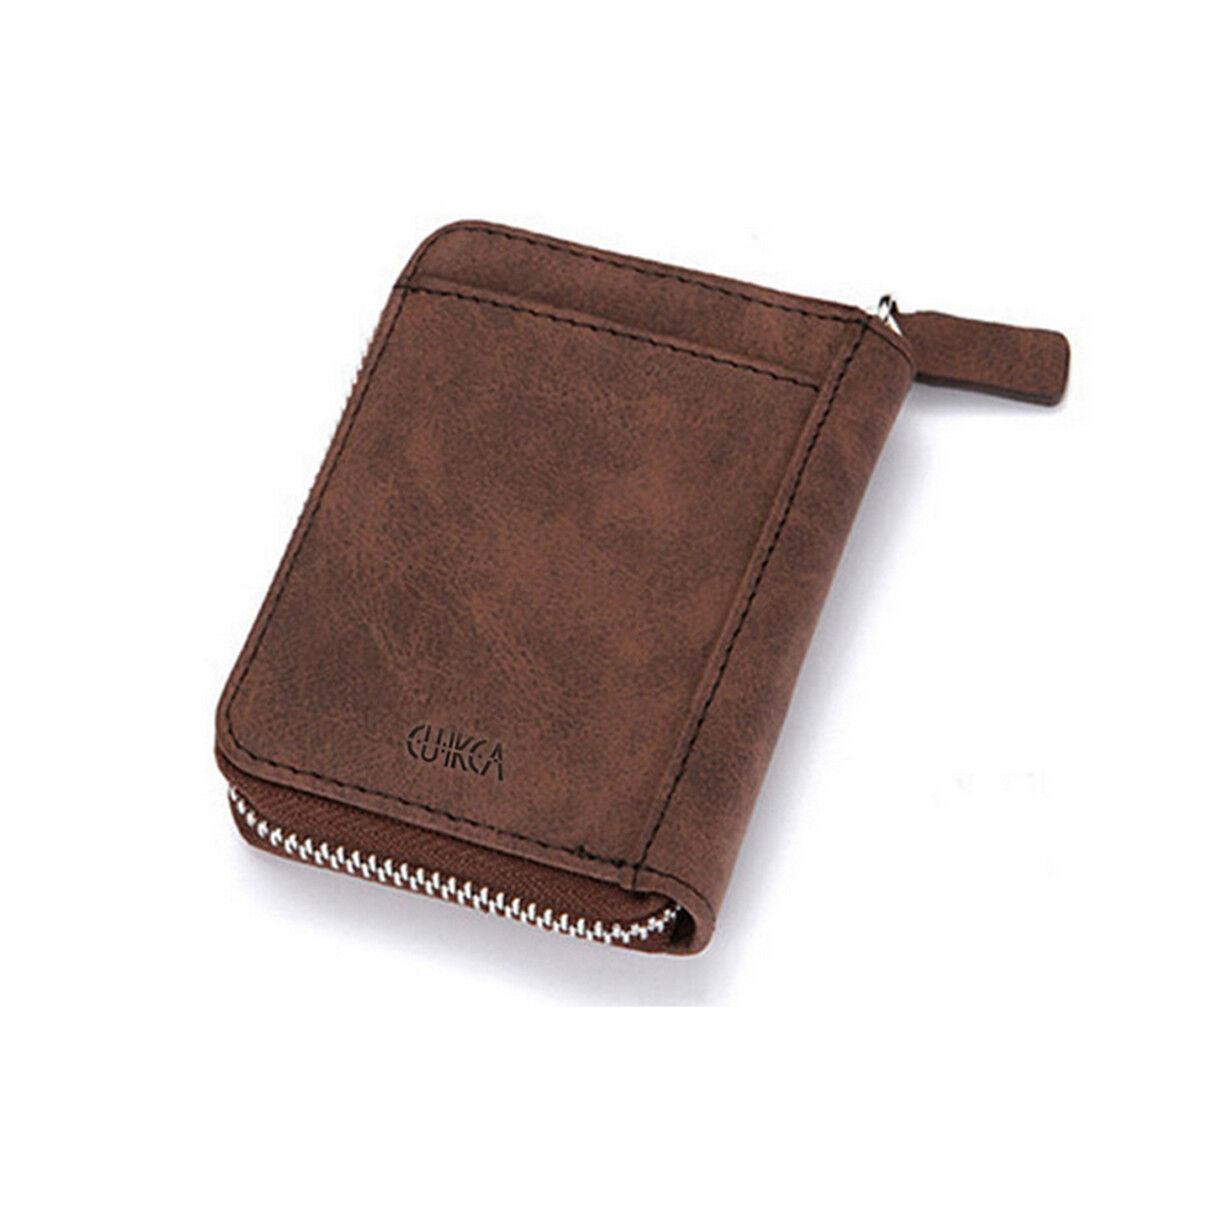 e828581904d6e Antimagnetic RFID Men s Leather Credit Card Short Wallet Holder Coin Zip Bag  EL